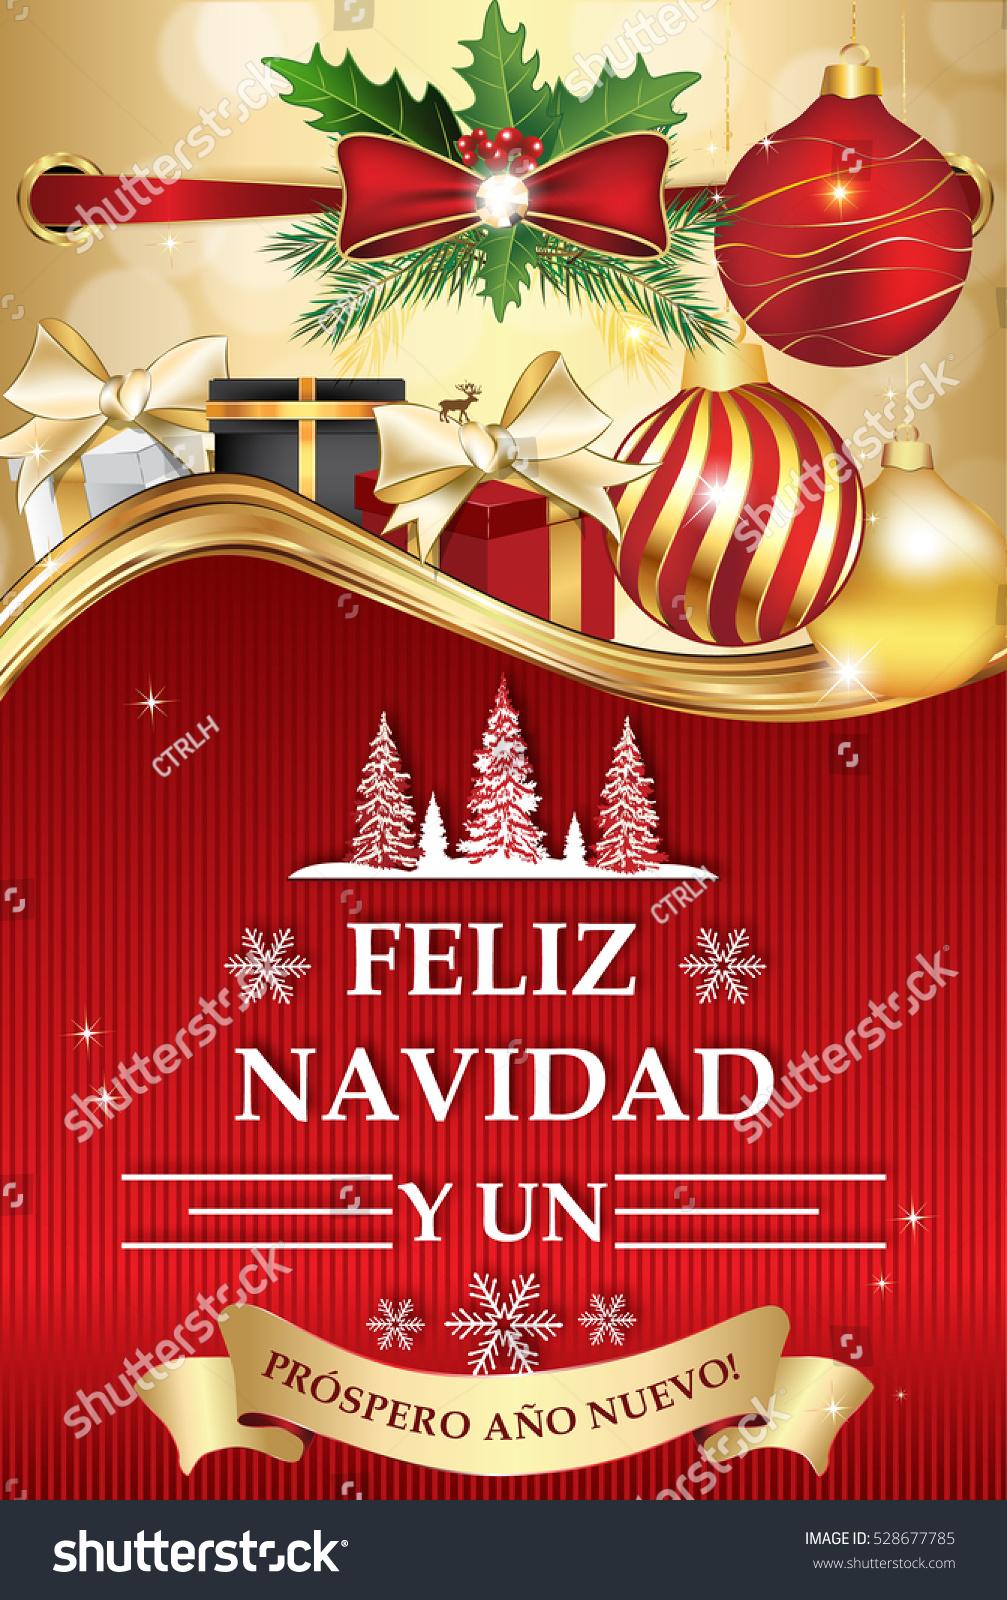 Spanish Greeting Card New Year Feliz Stock Illustration 528677785